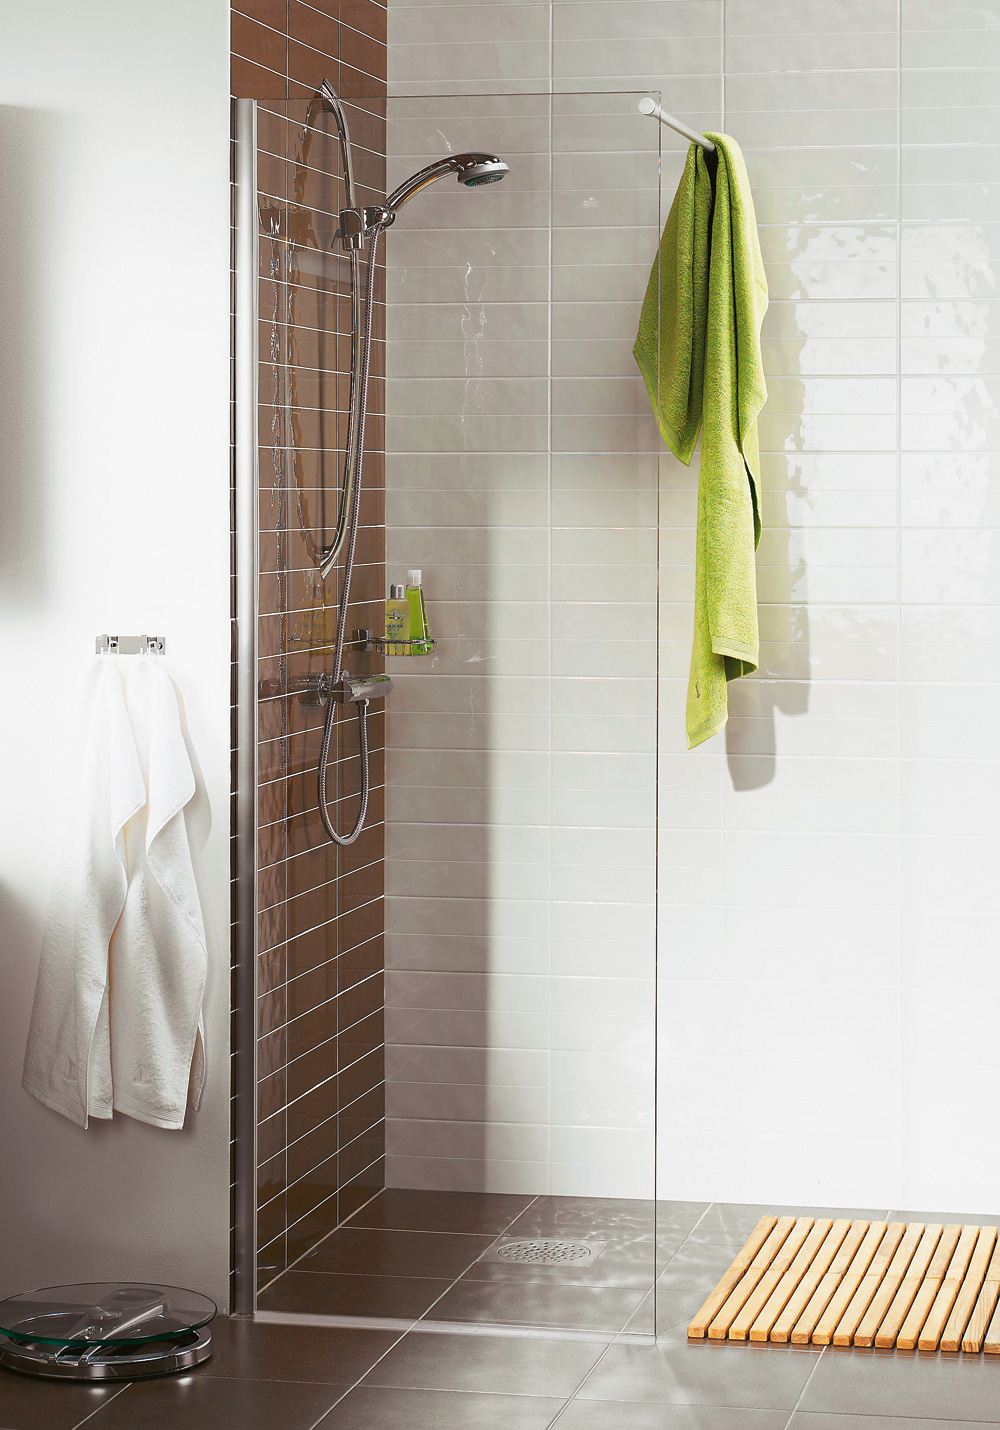 Byt duschvägg. funktionella duschlösningar från hafa.   hafa badrum